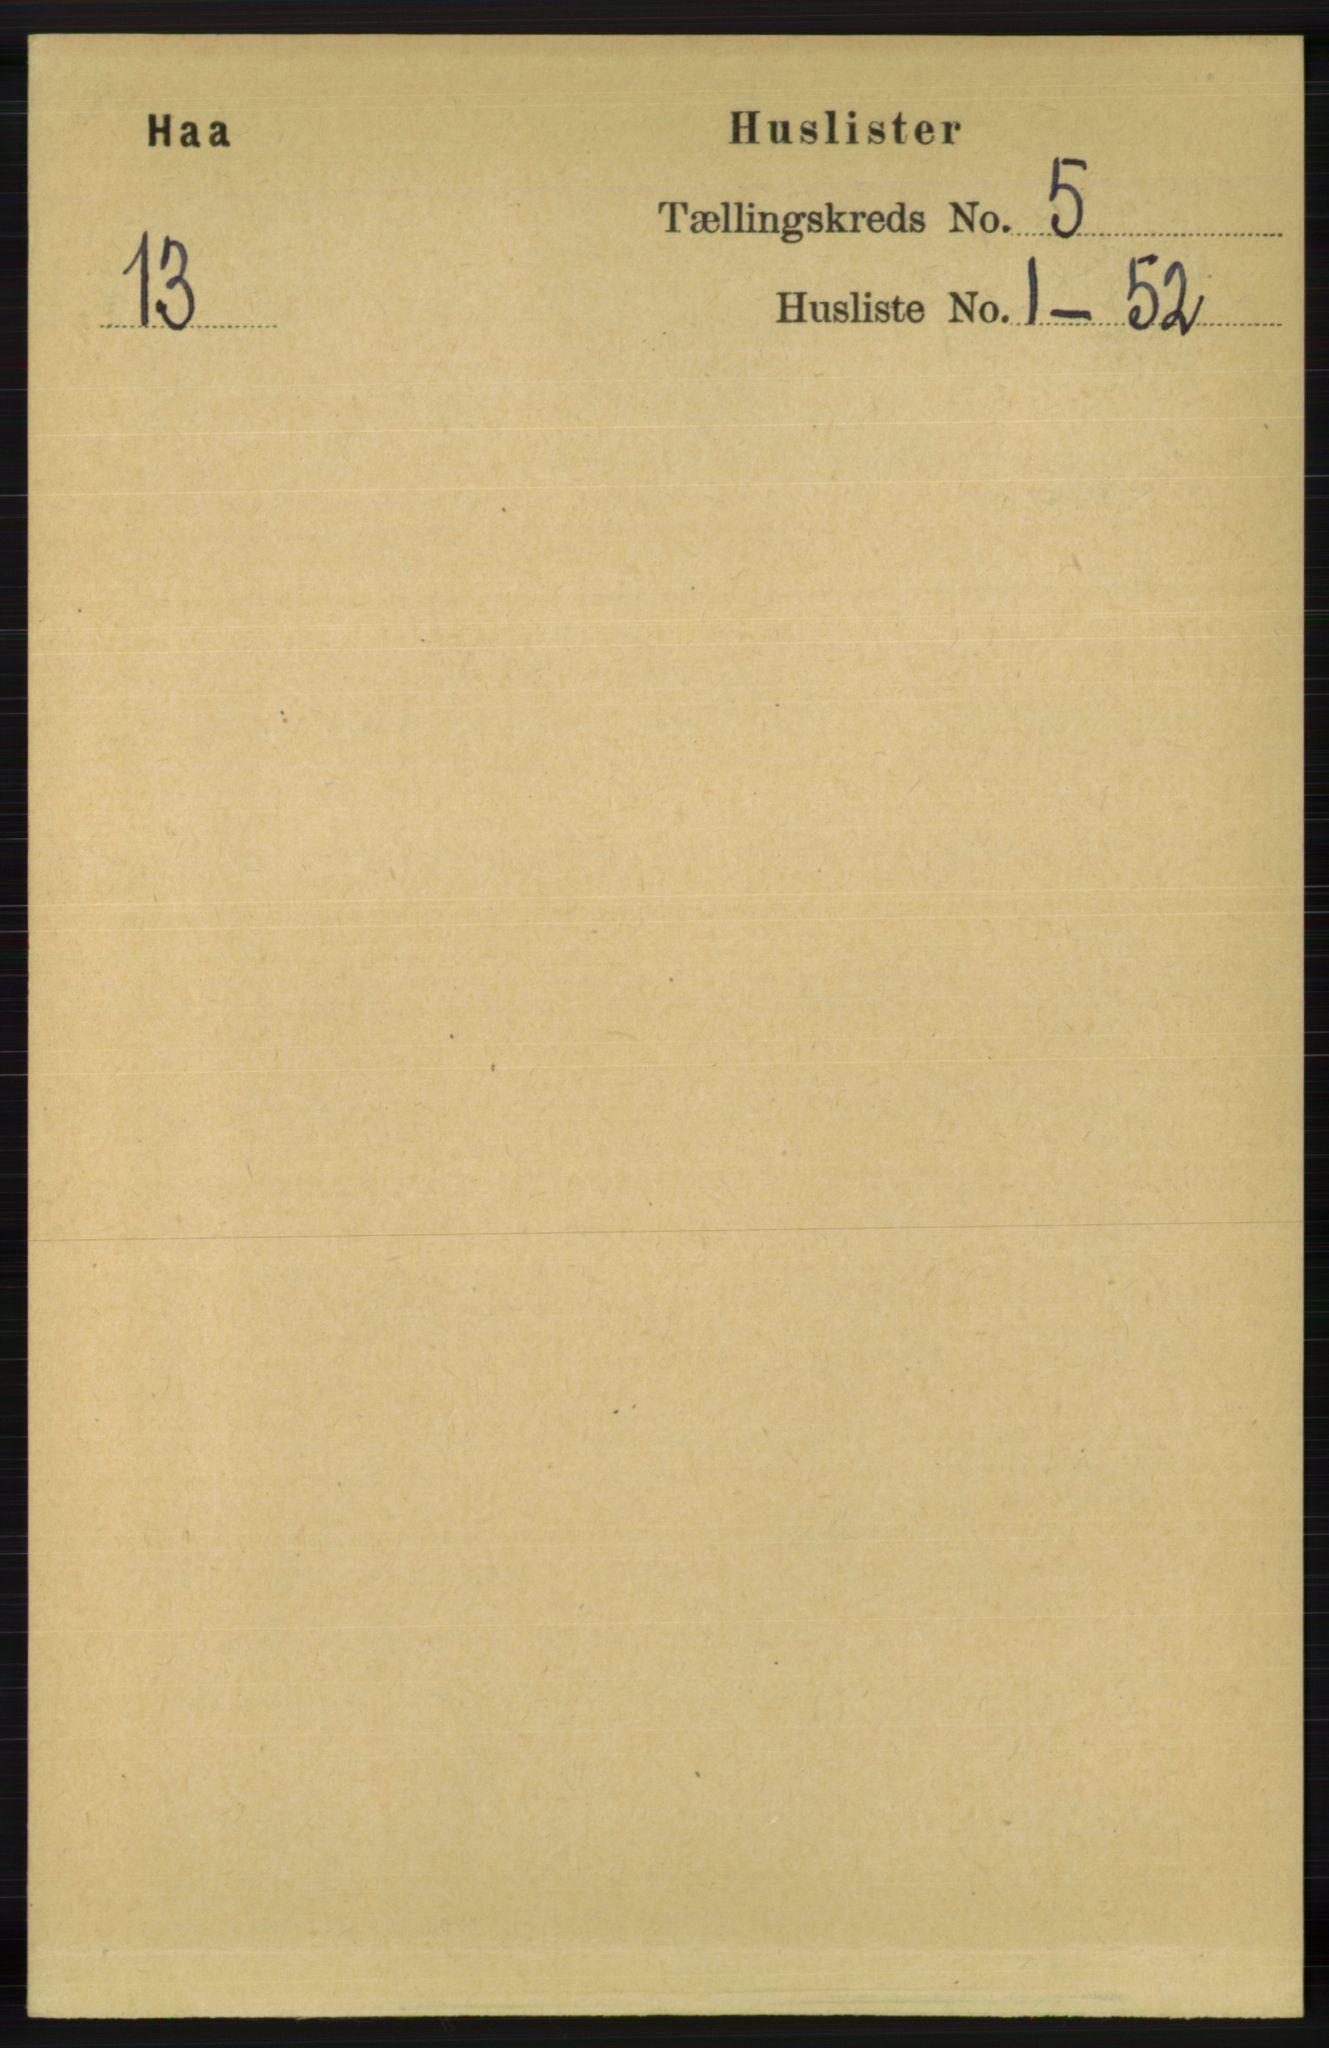 RA, Folketelling 1891 for 1119 Hå herred, 1891, s. 1286